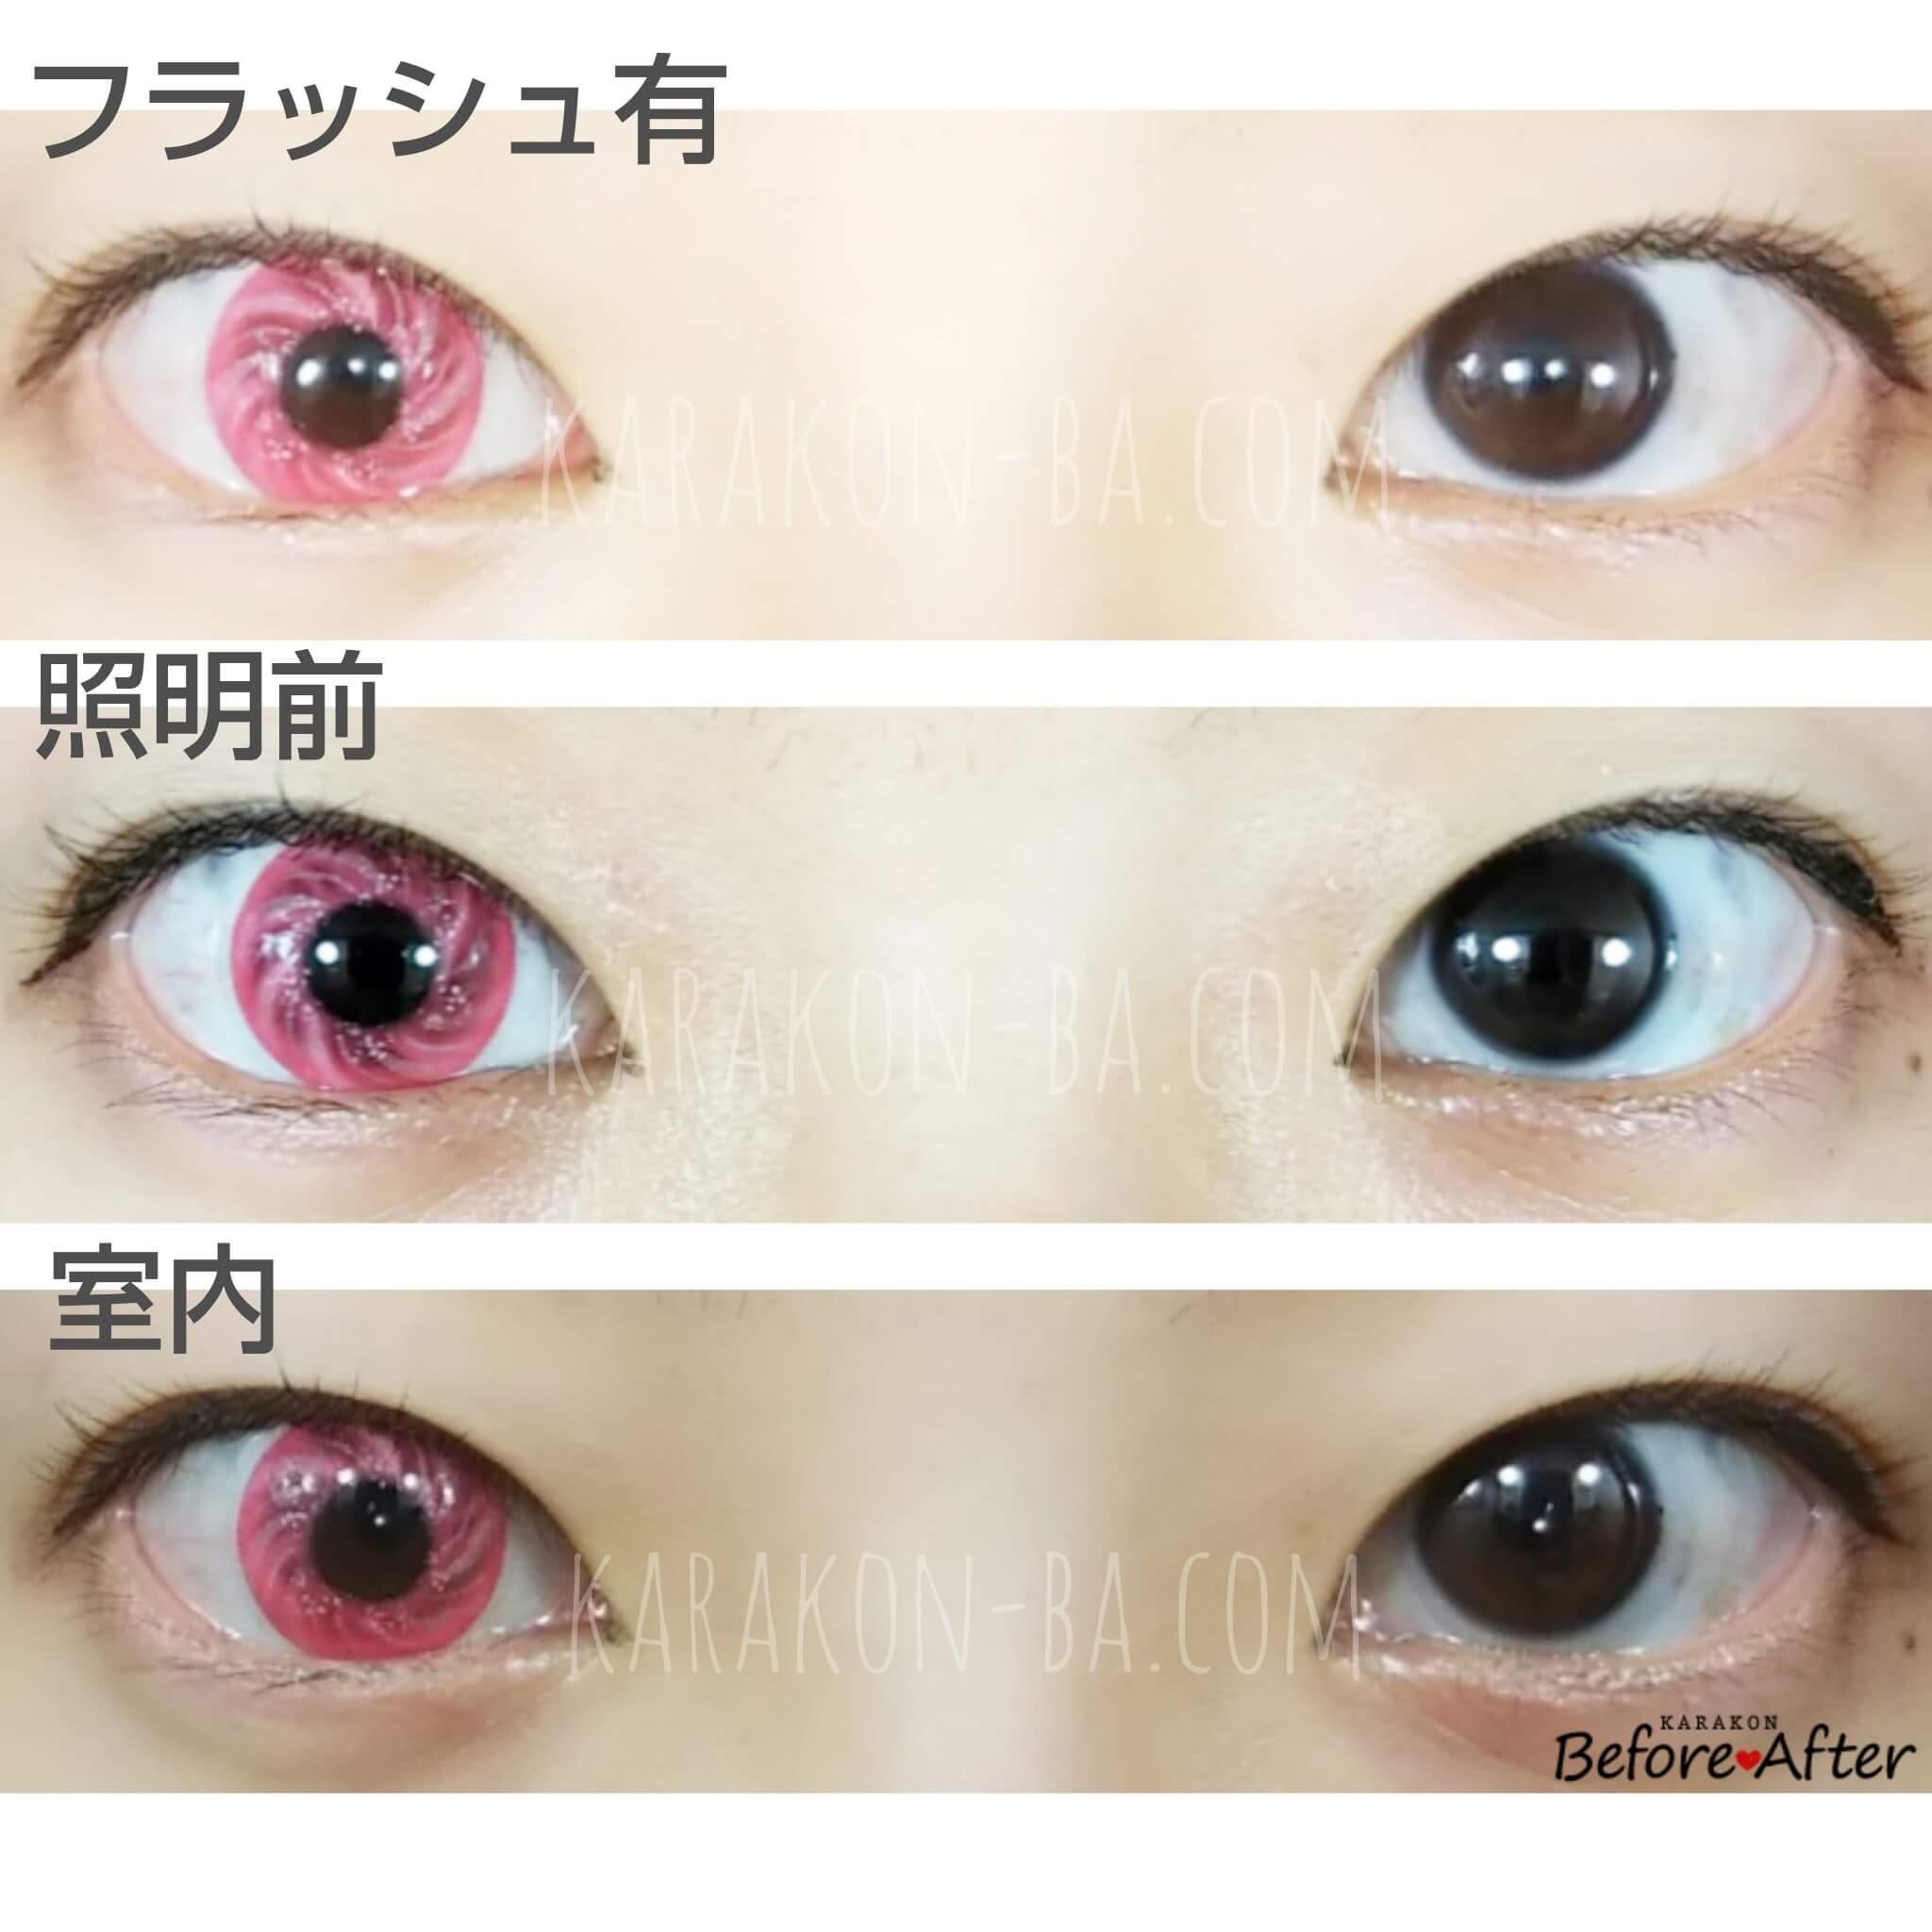 プリズムピンクのカラコン装着画像/裸眼と比較